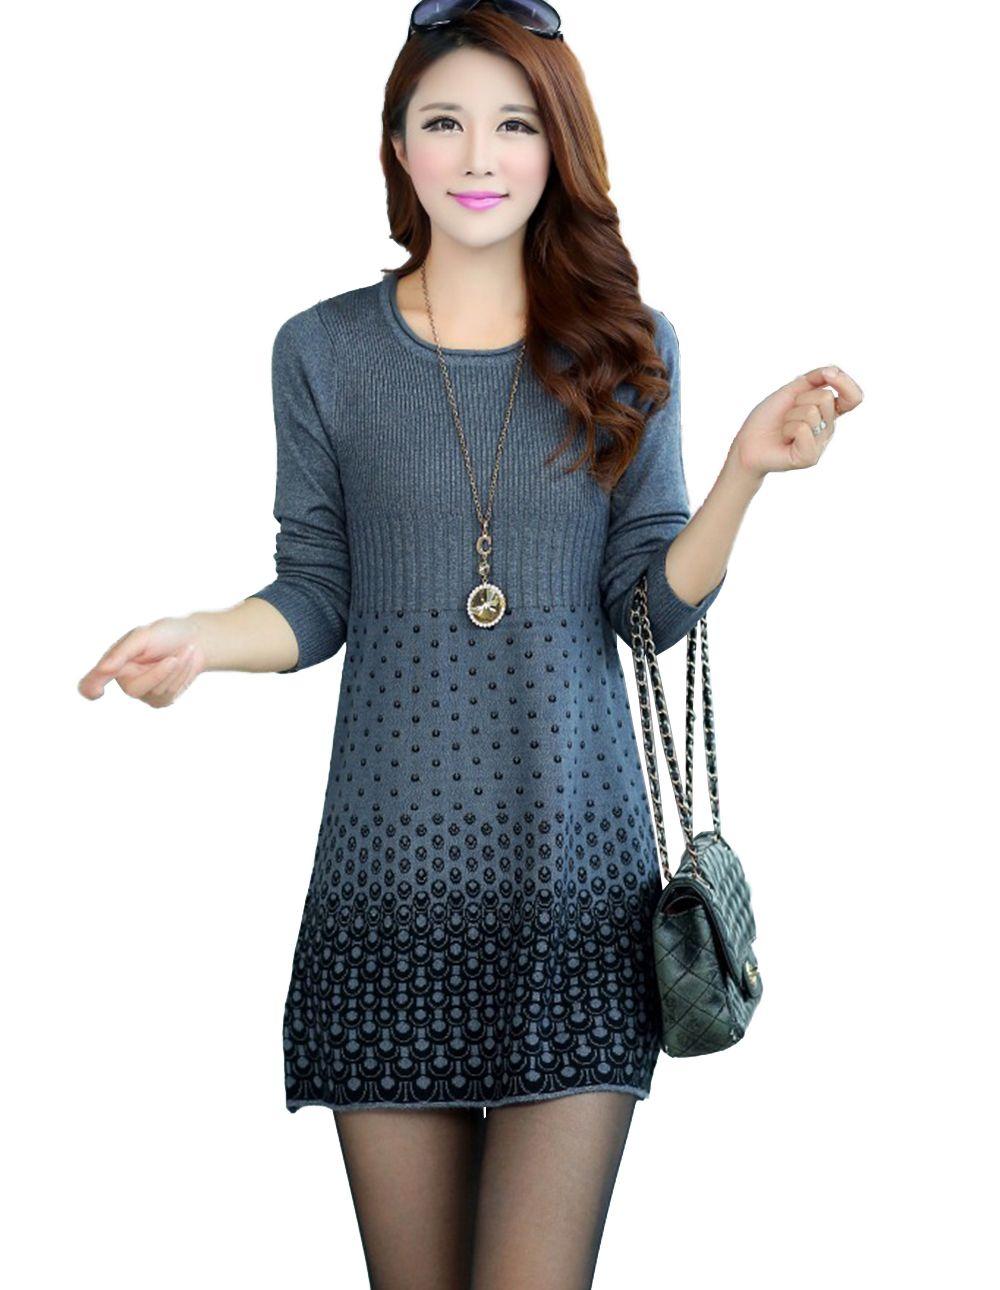 647ef6d76 vestido de lana mujer - Buscar con Google Vestidos De Hilo